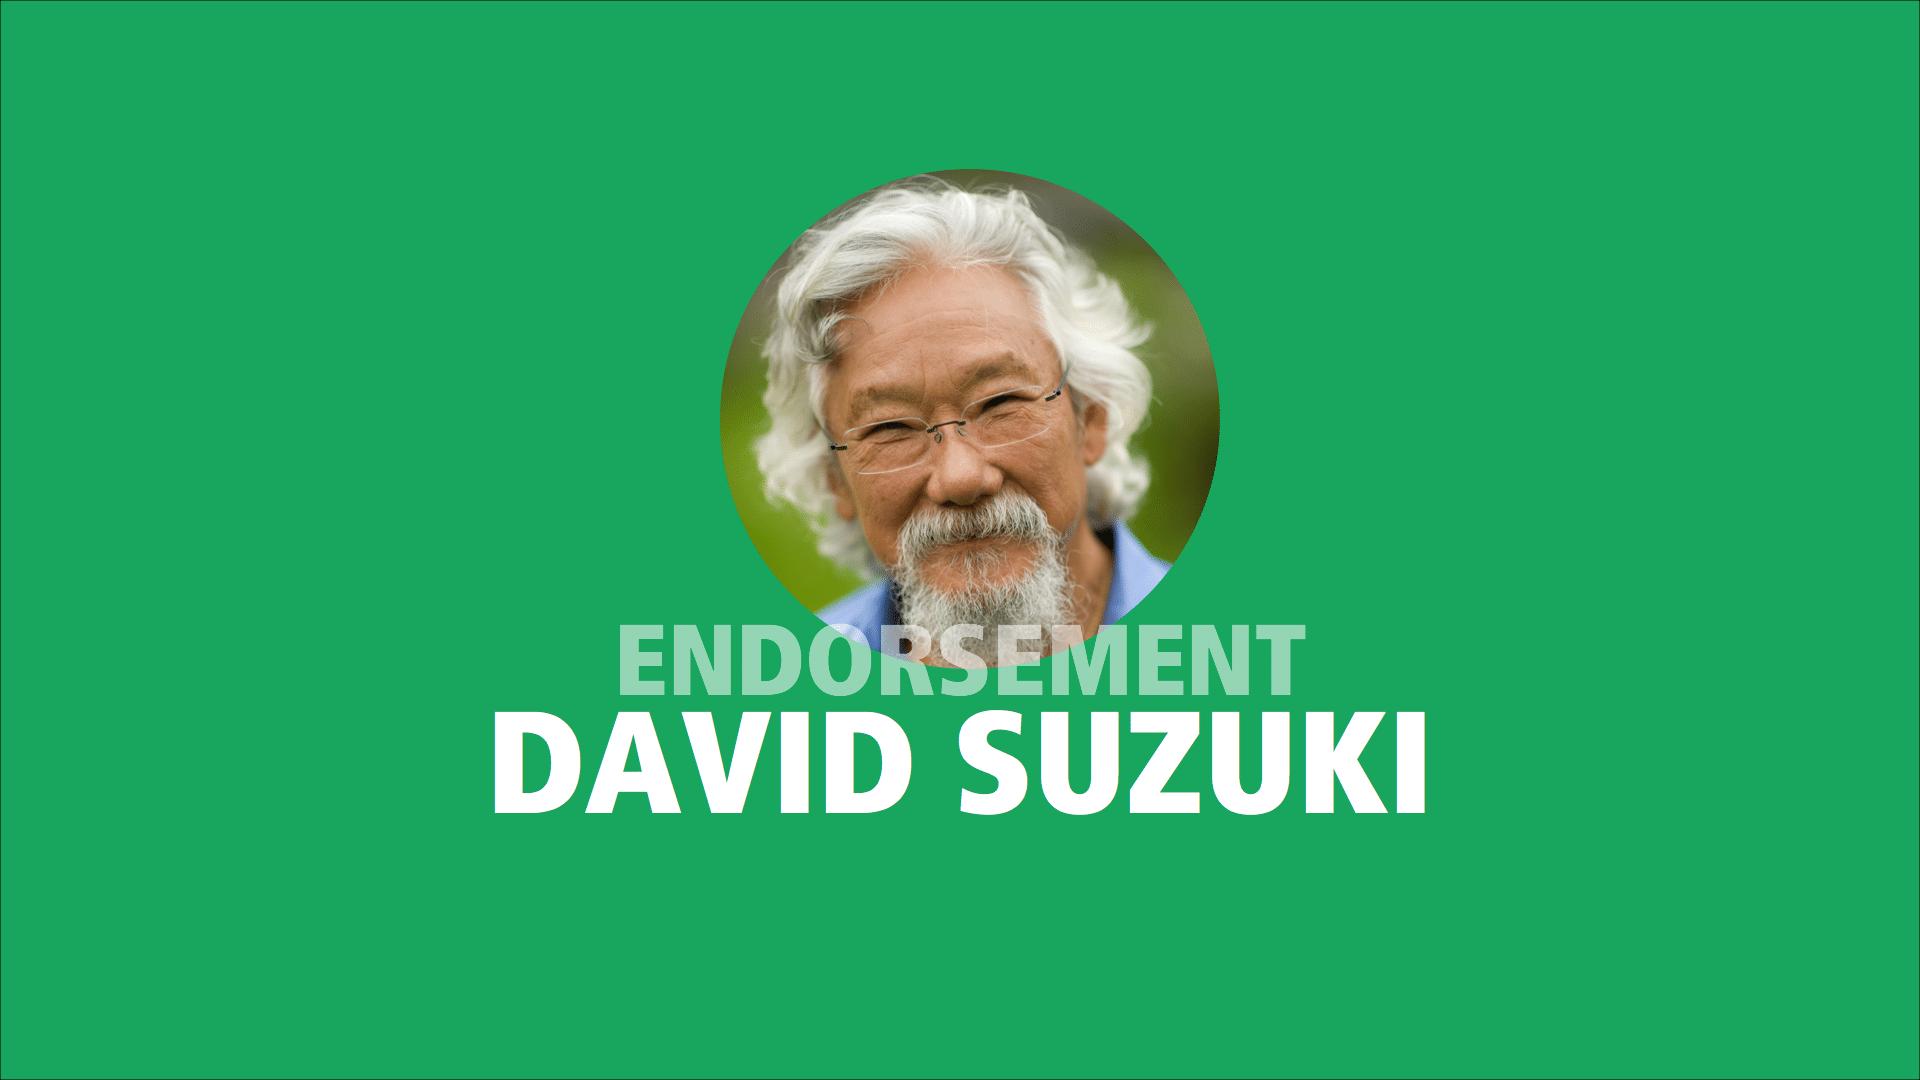 David Suzuki endorses Adam Olsen